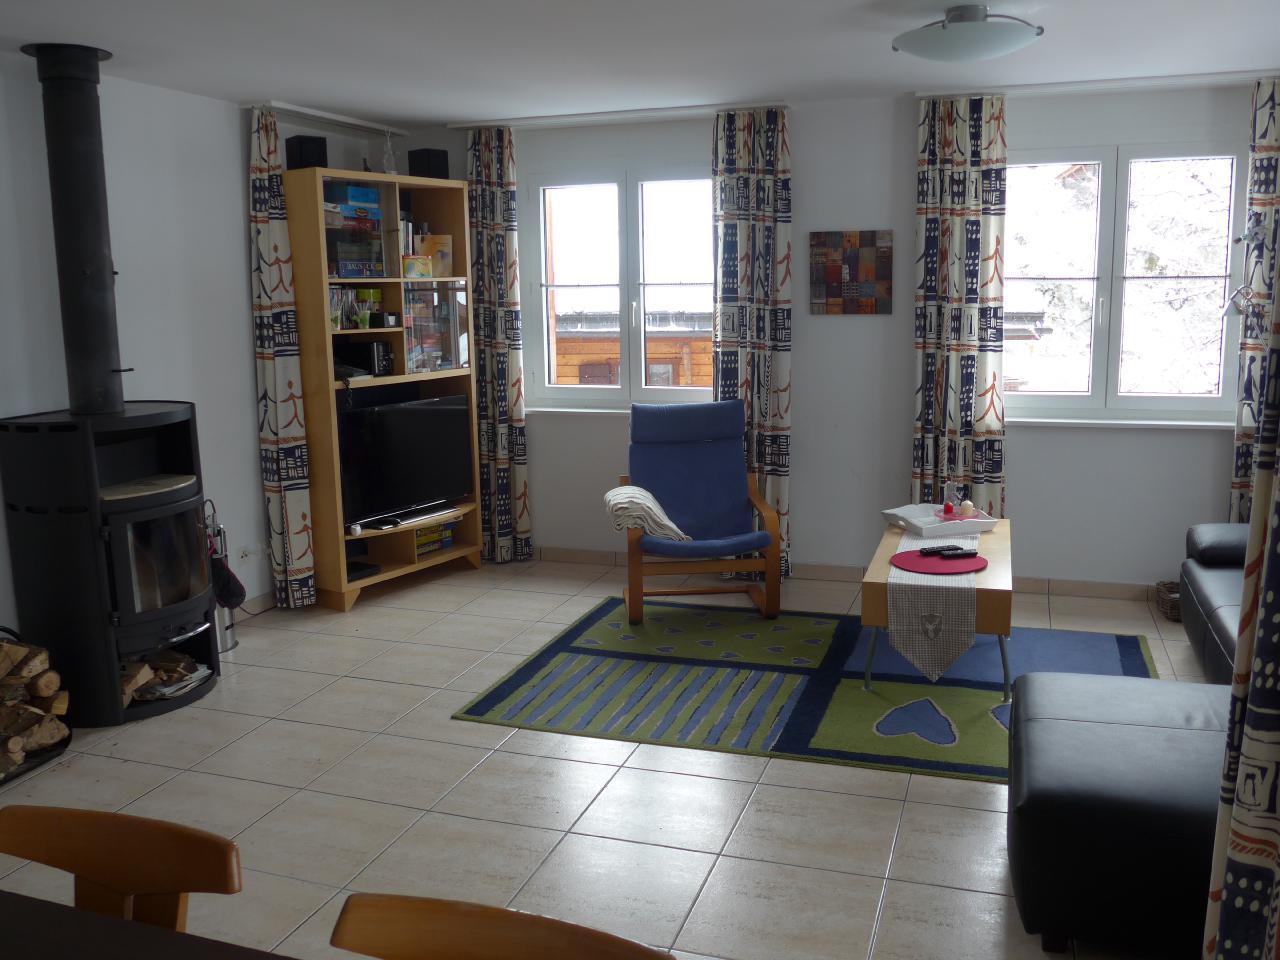 Ferienwohnung Haus zum Chrachu / Wohnung 1. Stock Ost (1148063), Blatten b. Naters, Brig - Simplon, Wallis, Schweiz, Bild 3